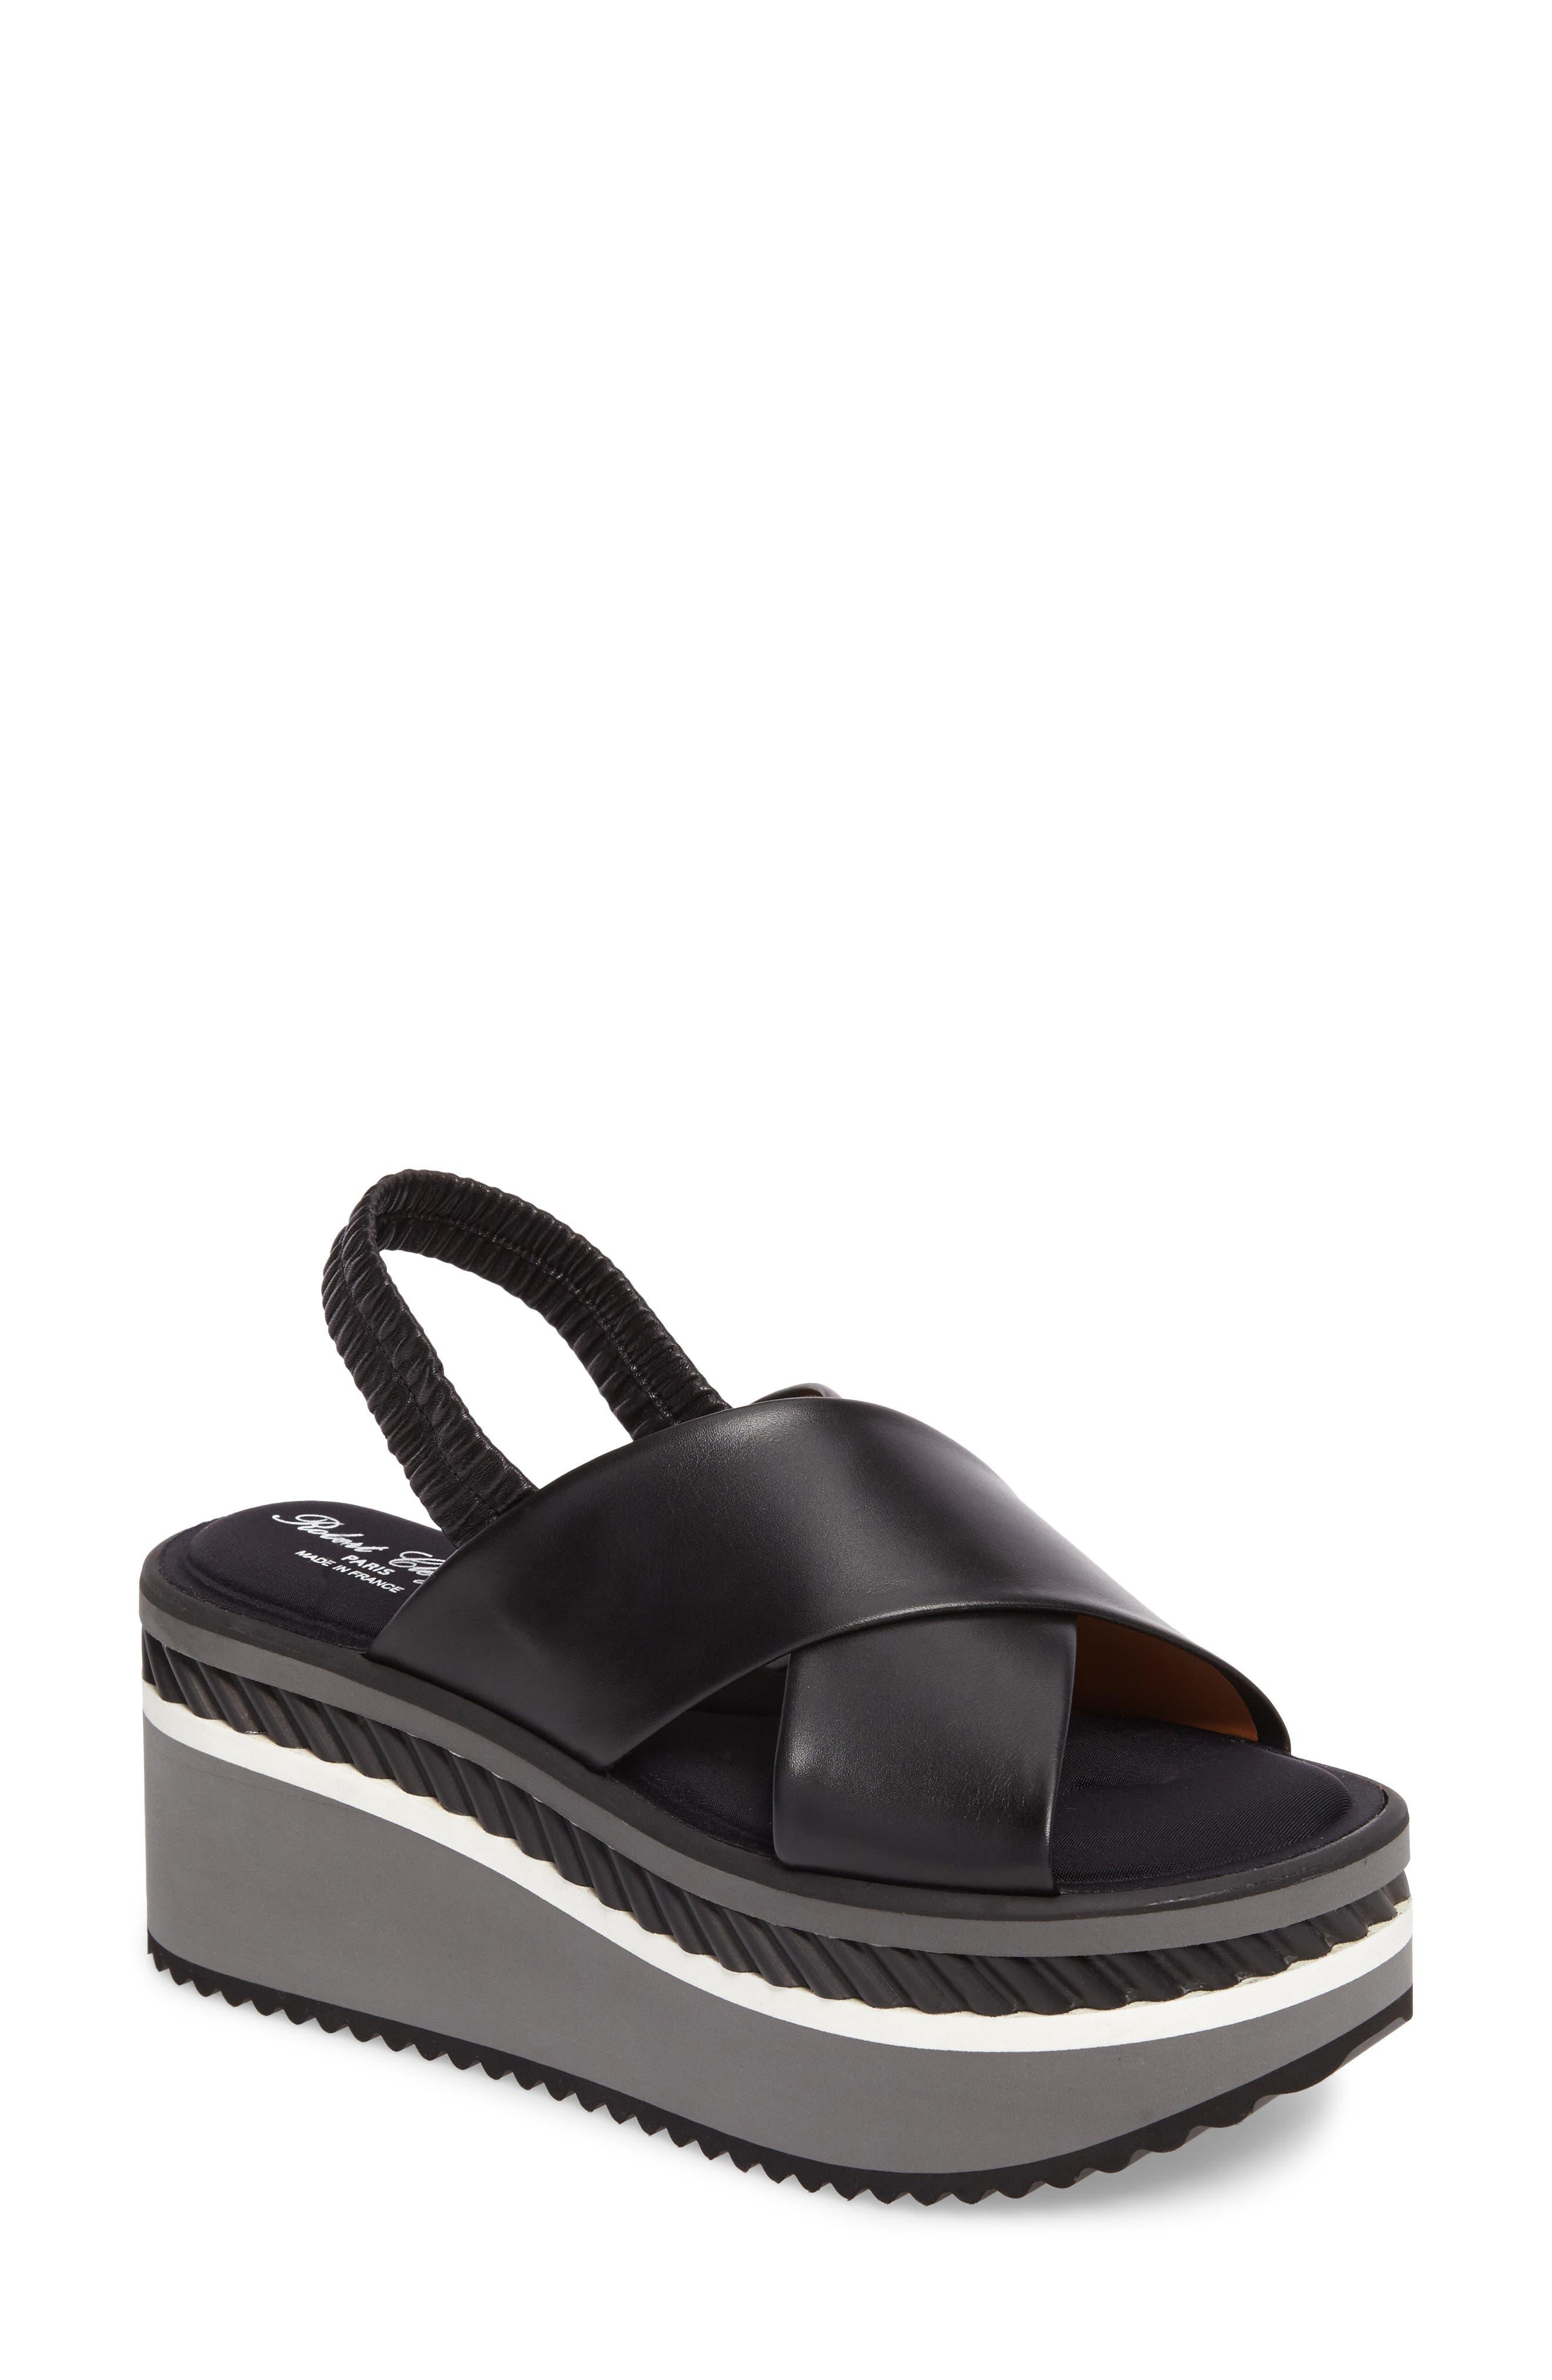 Omin Platform Slingback Sandal,                         Main,                         color, Black